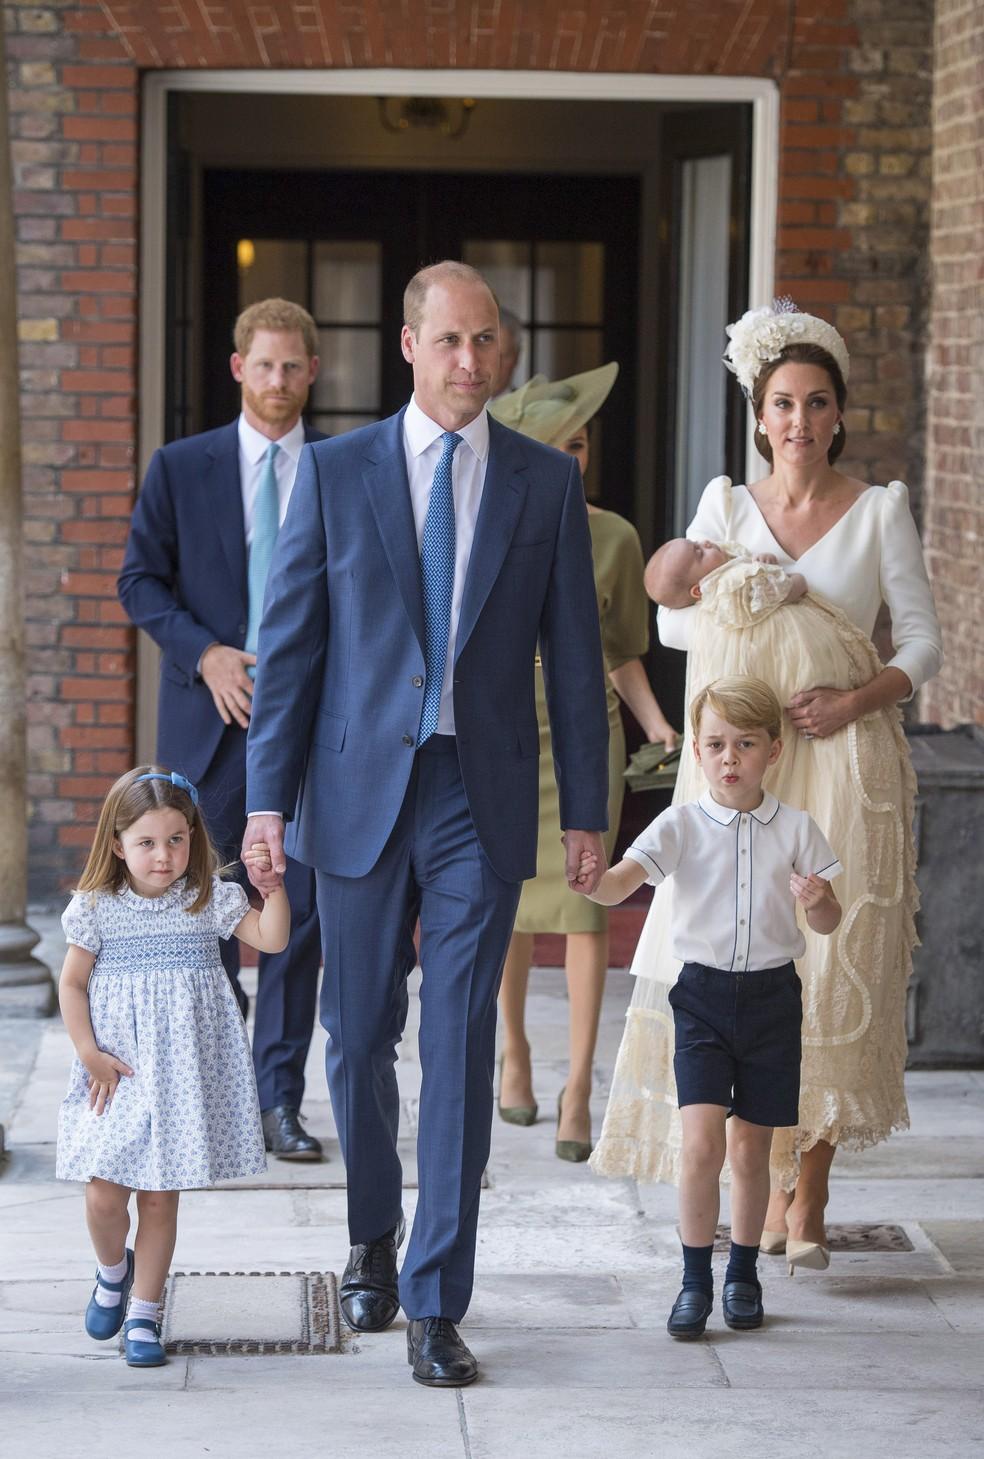 William e Kate chegam com os filhos Charlotte, George e Louis ao batizado do caçula (Foto: Dominic Lipinski/ AP)